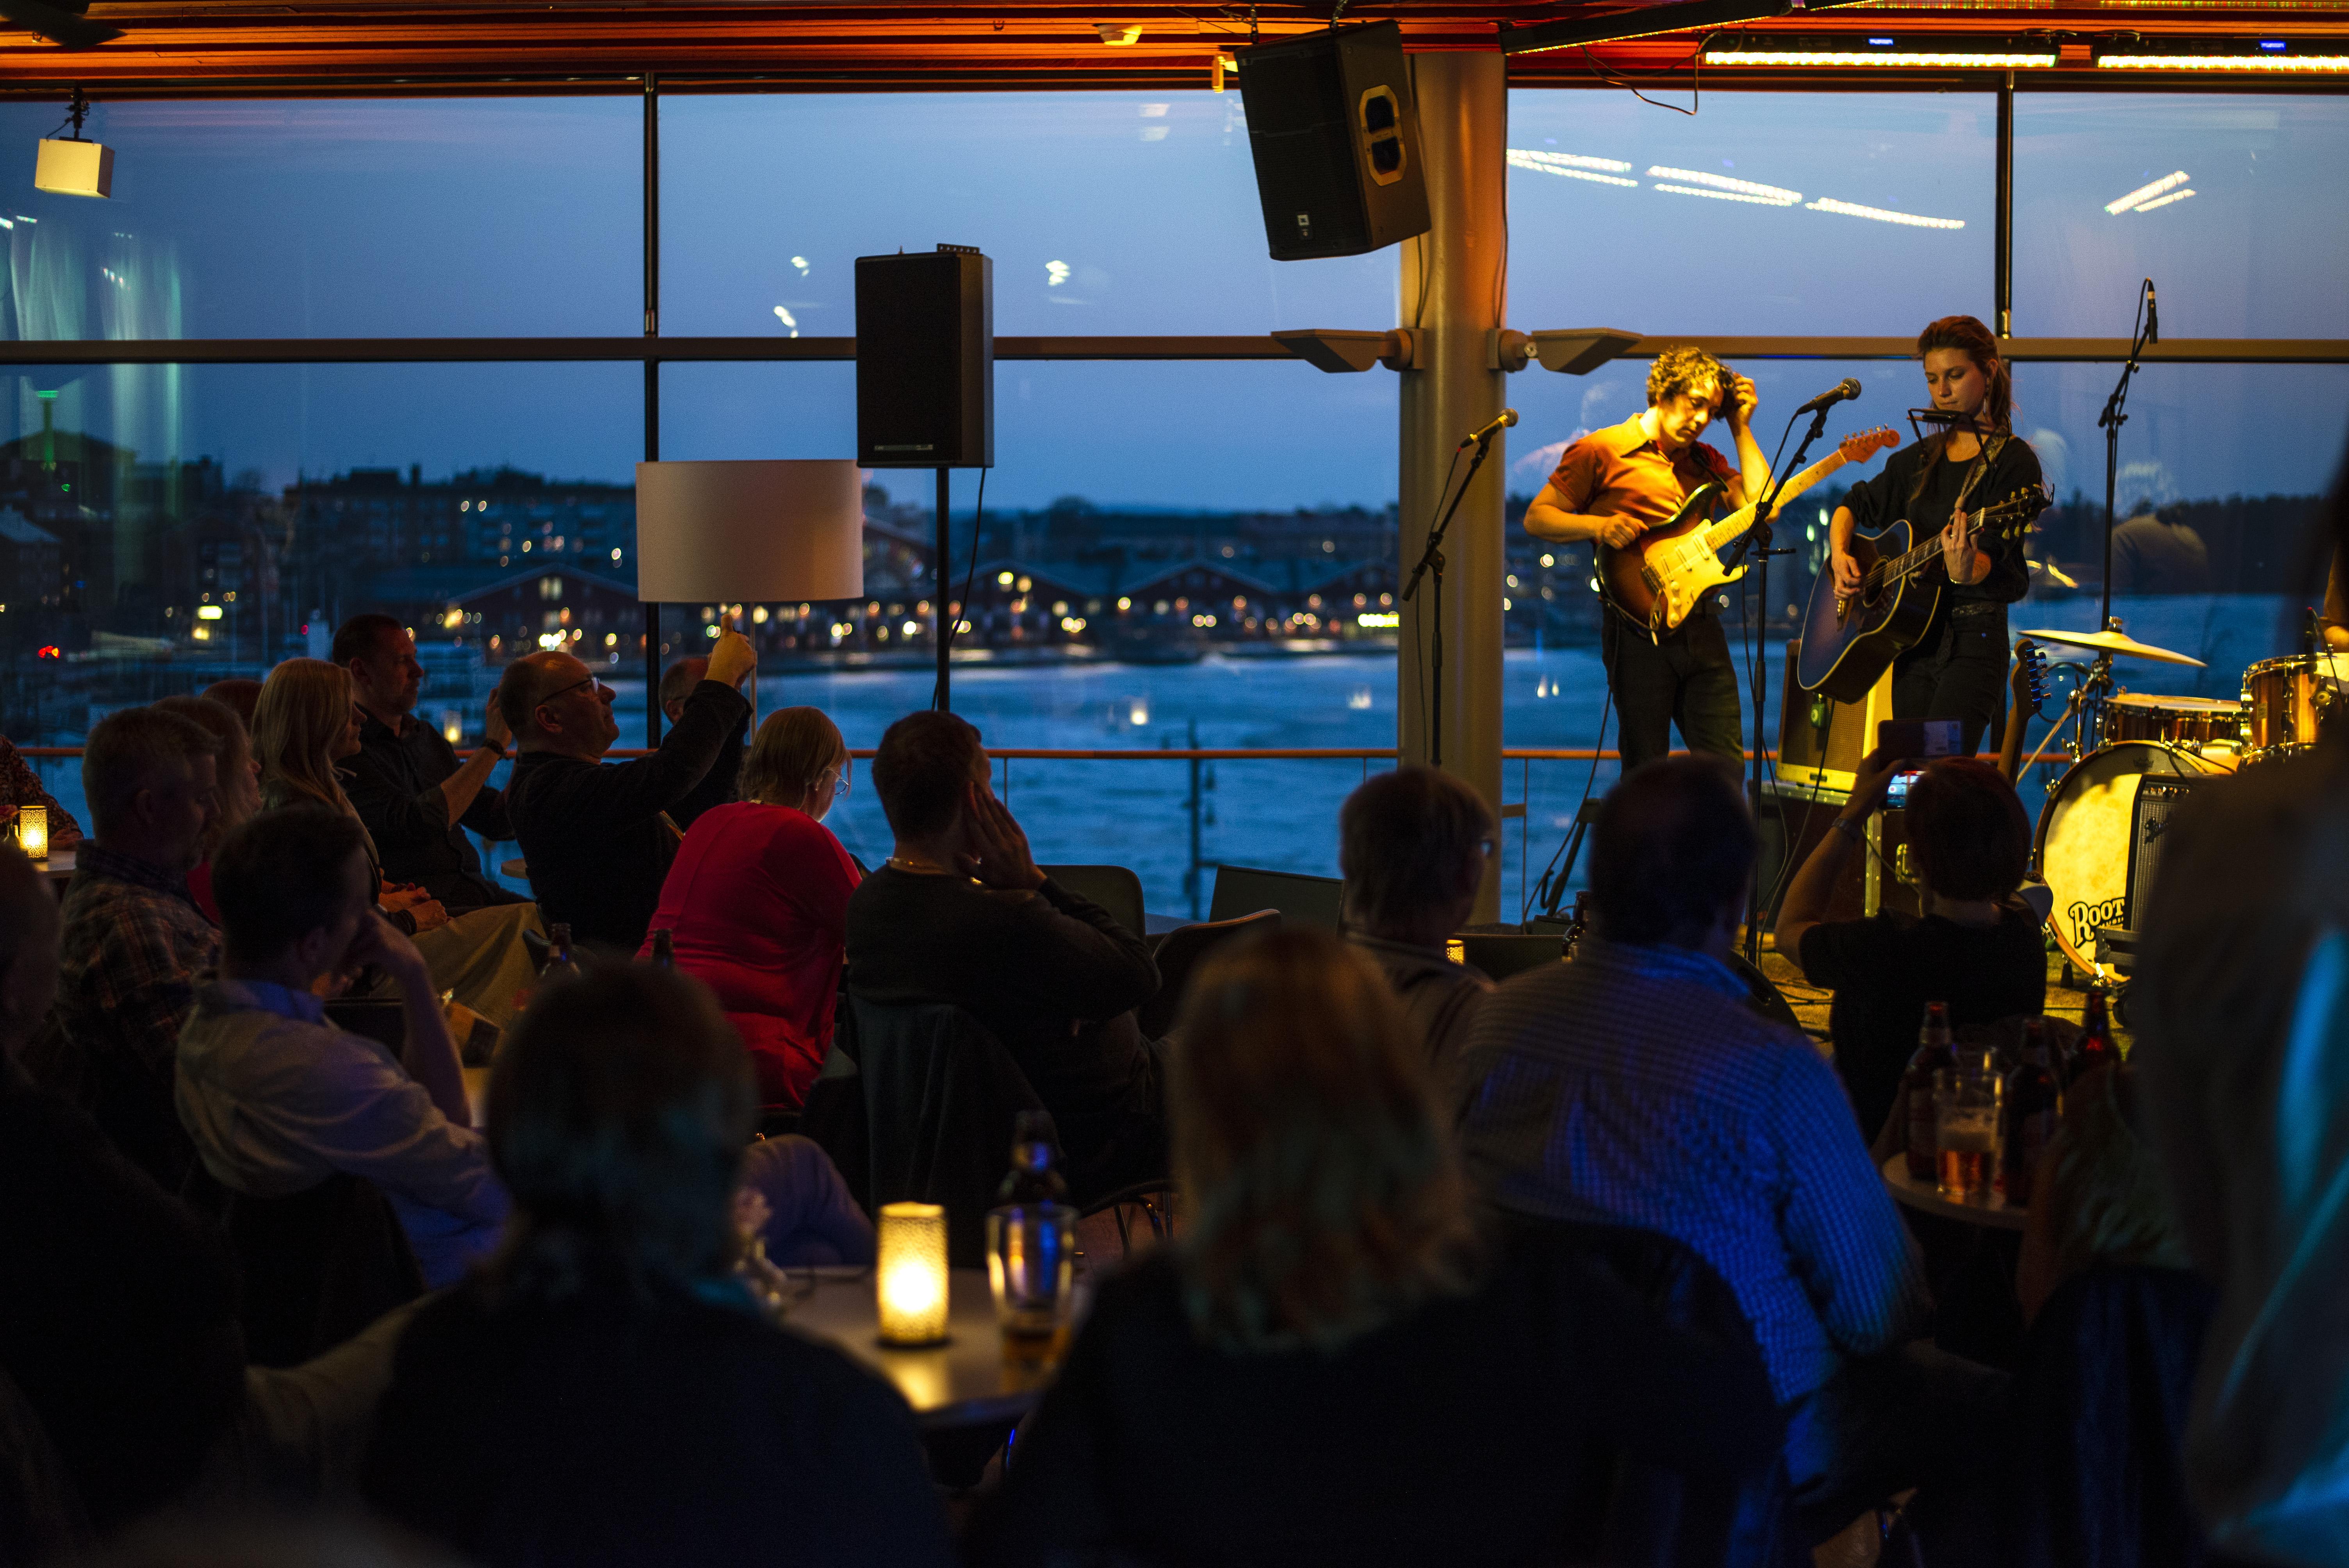 En konsert i barlokal med dunkelt ljus och utsikt över Luleås norra hamn.